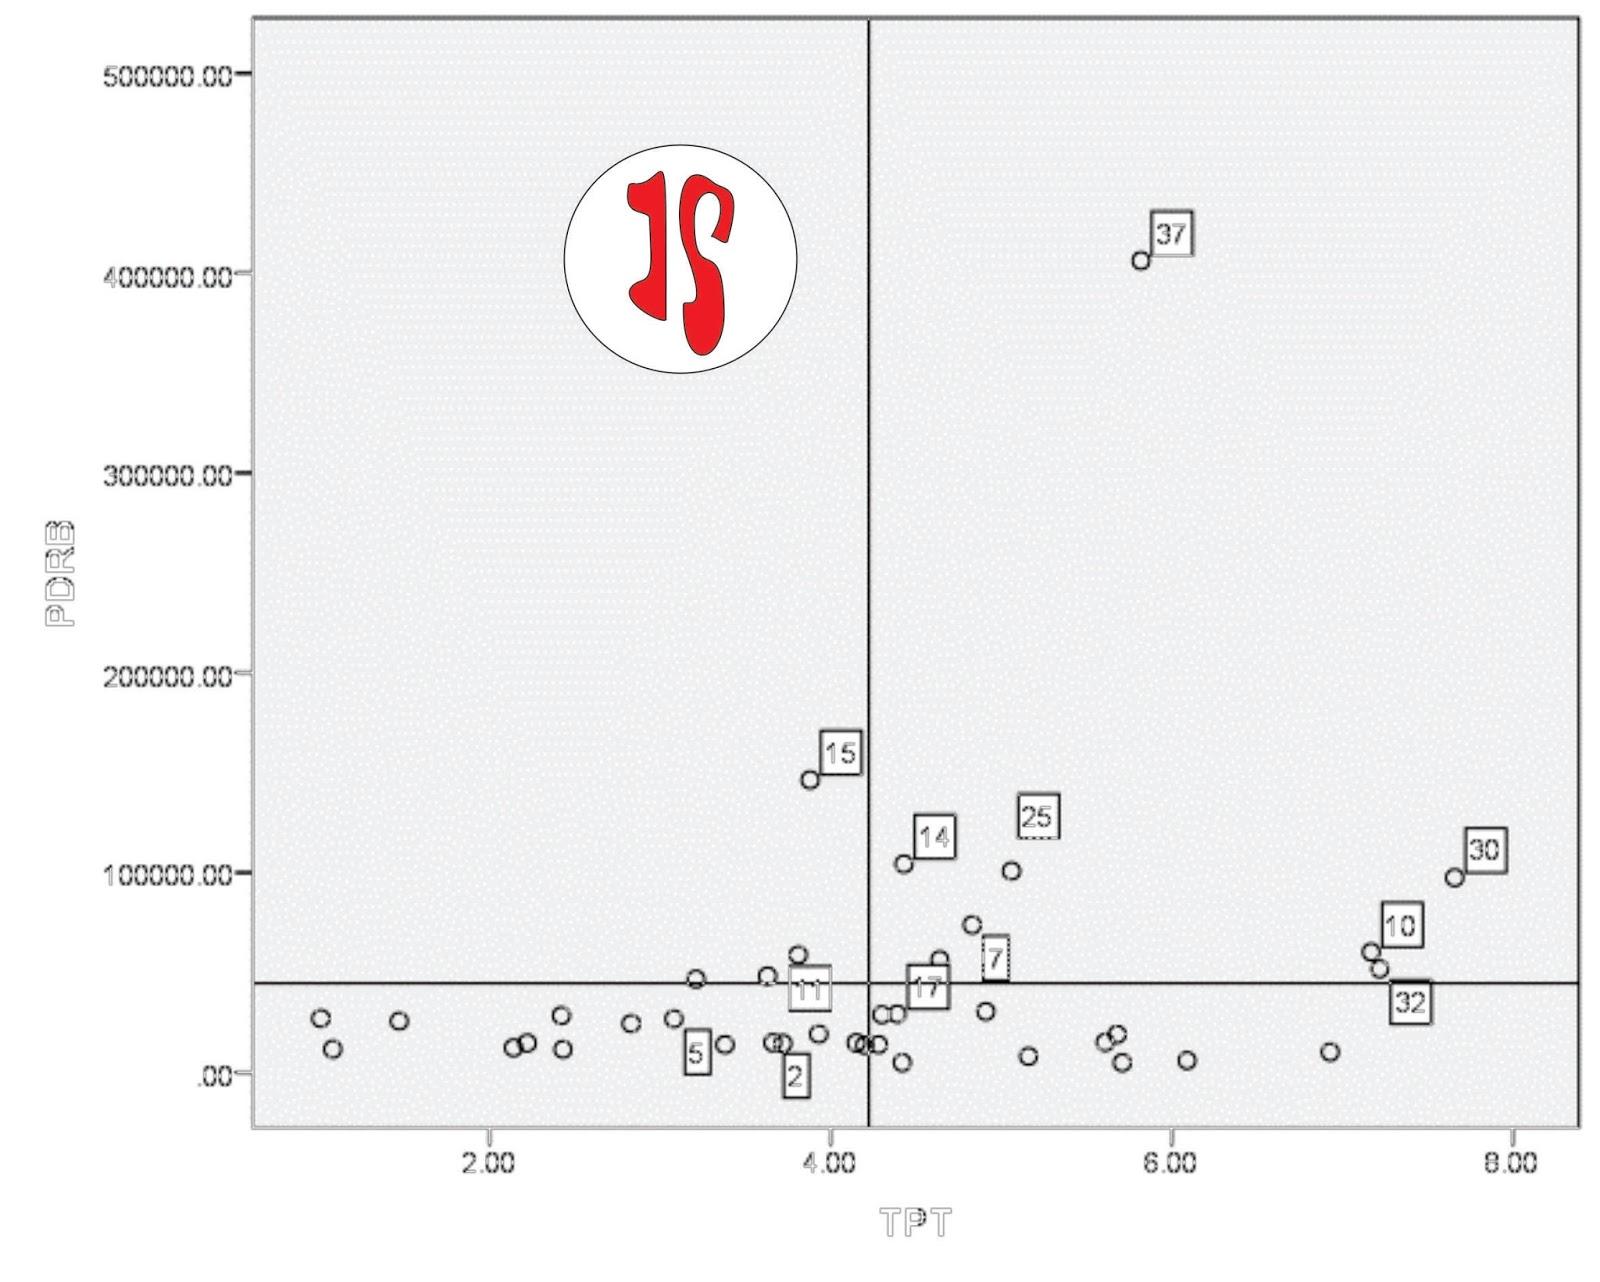 Iimportance performance analysis dengan spss jendela statistika pilih data label mode dengan gambar kotak seperti gambar target tembakan di pojok kiri lalu klik kan ke titik titik koordinat ccuart Choice Image